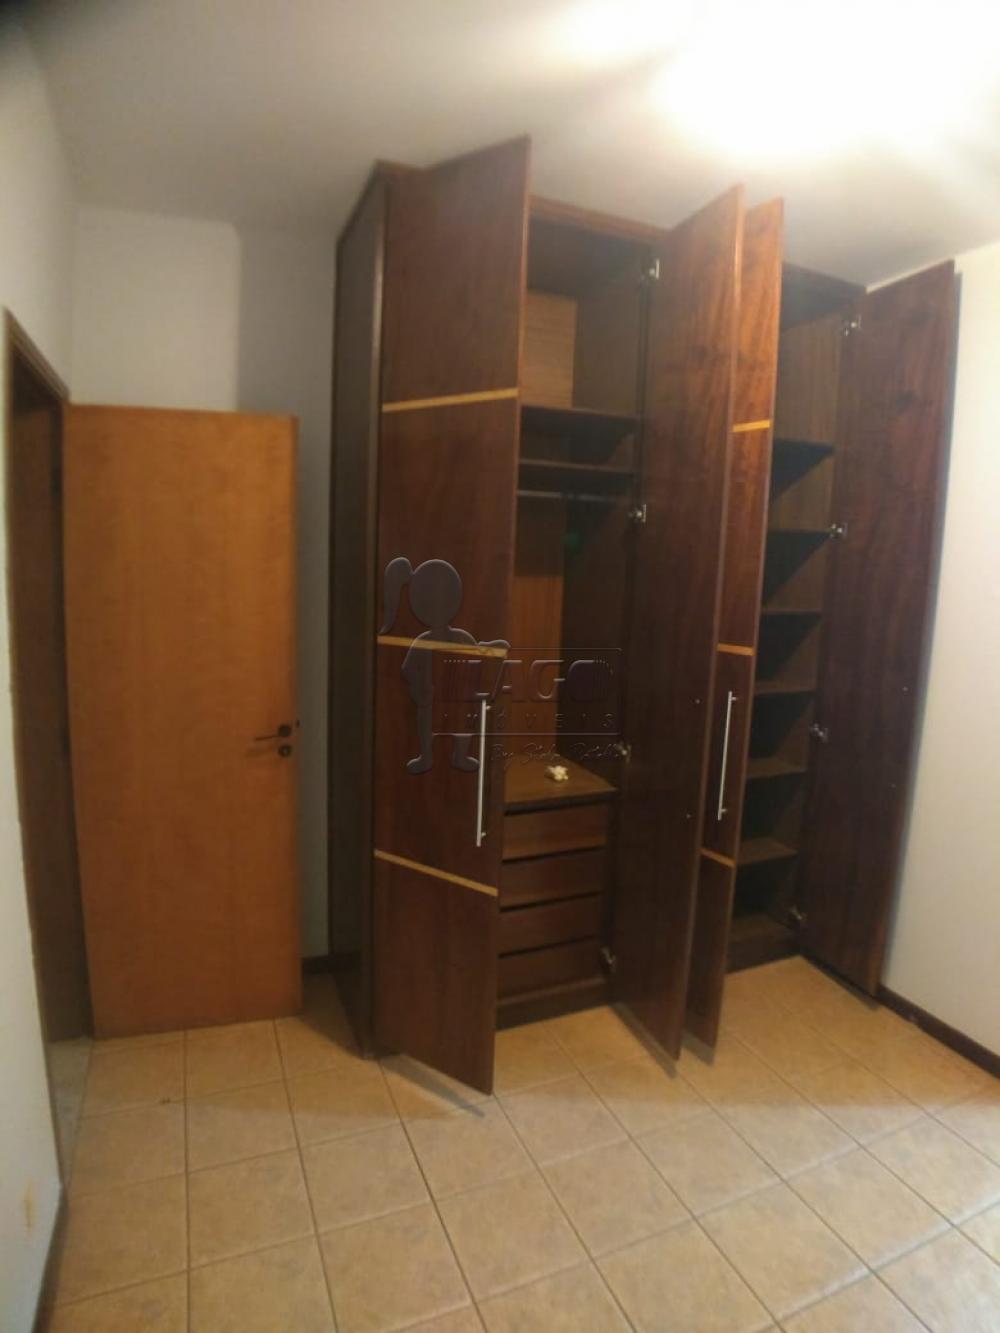 Alugar Casas / Condomínio em Ribeirão Preto apenas R$ 2.100,00 - Foto 14